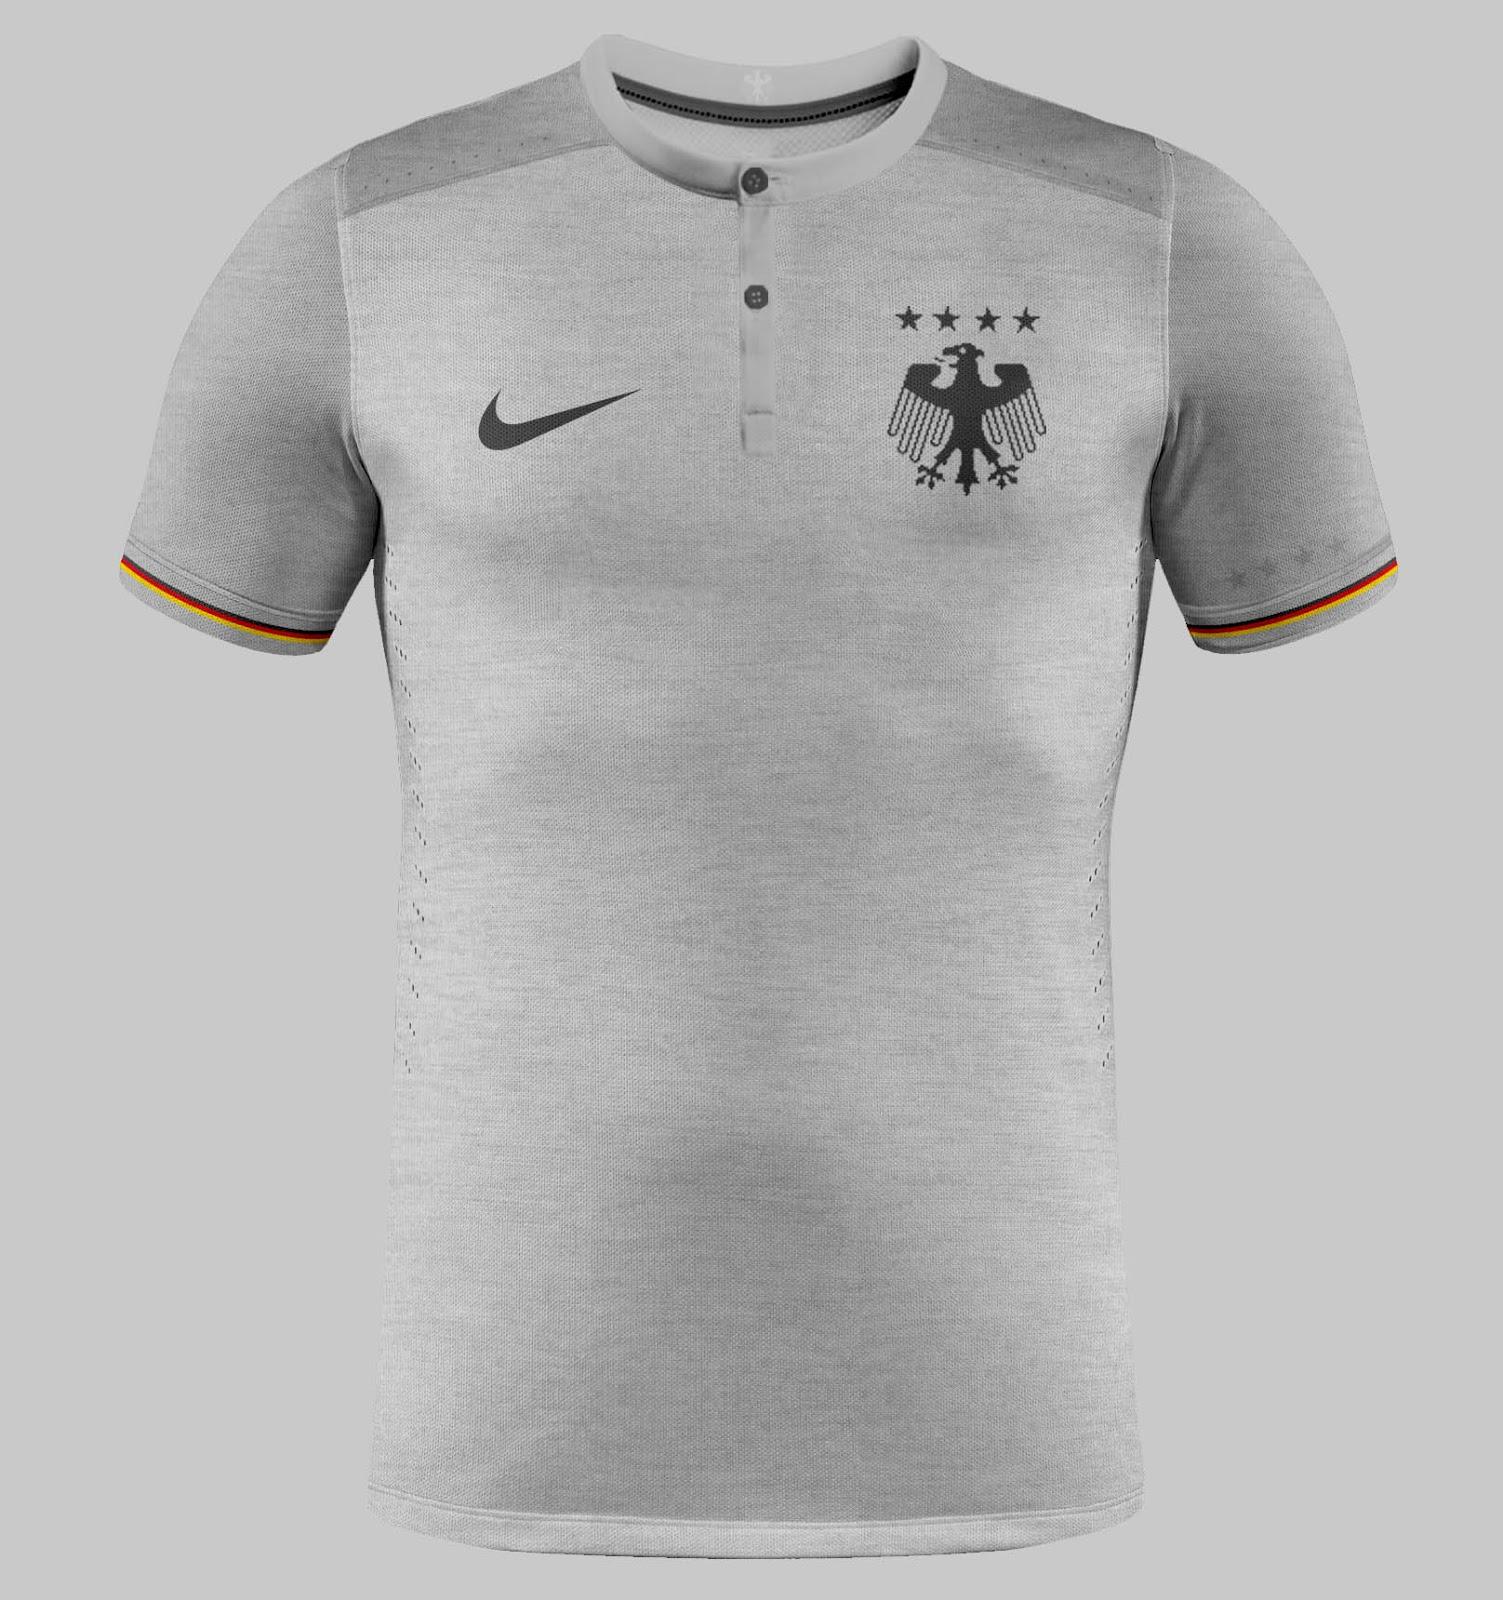 E se a camisa da seleção alemã fosse desenhada pela Nike  - Alemanha ... 260895066e771